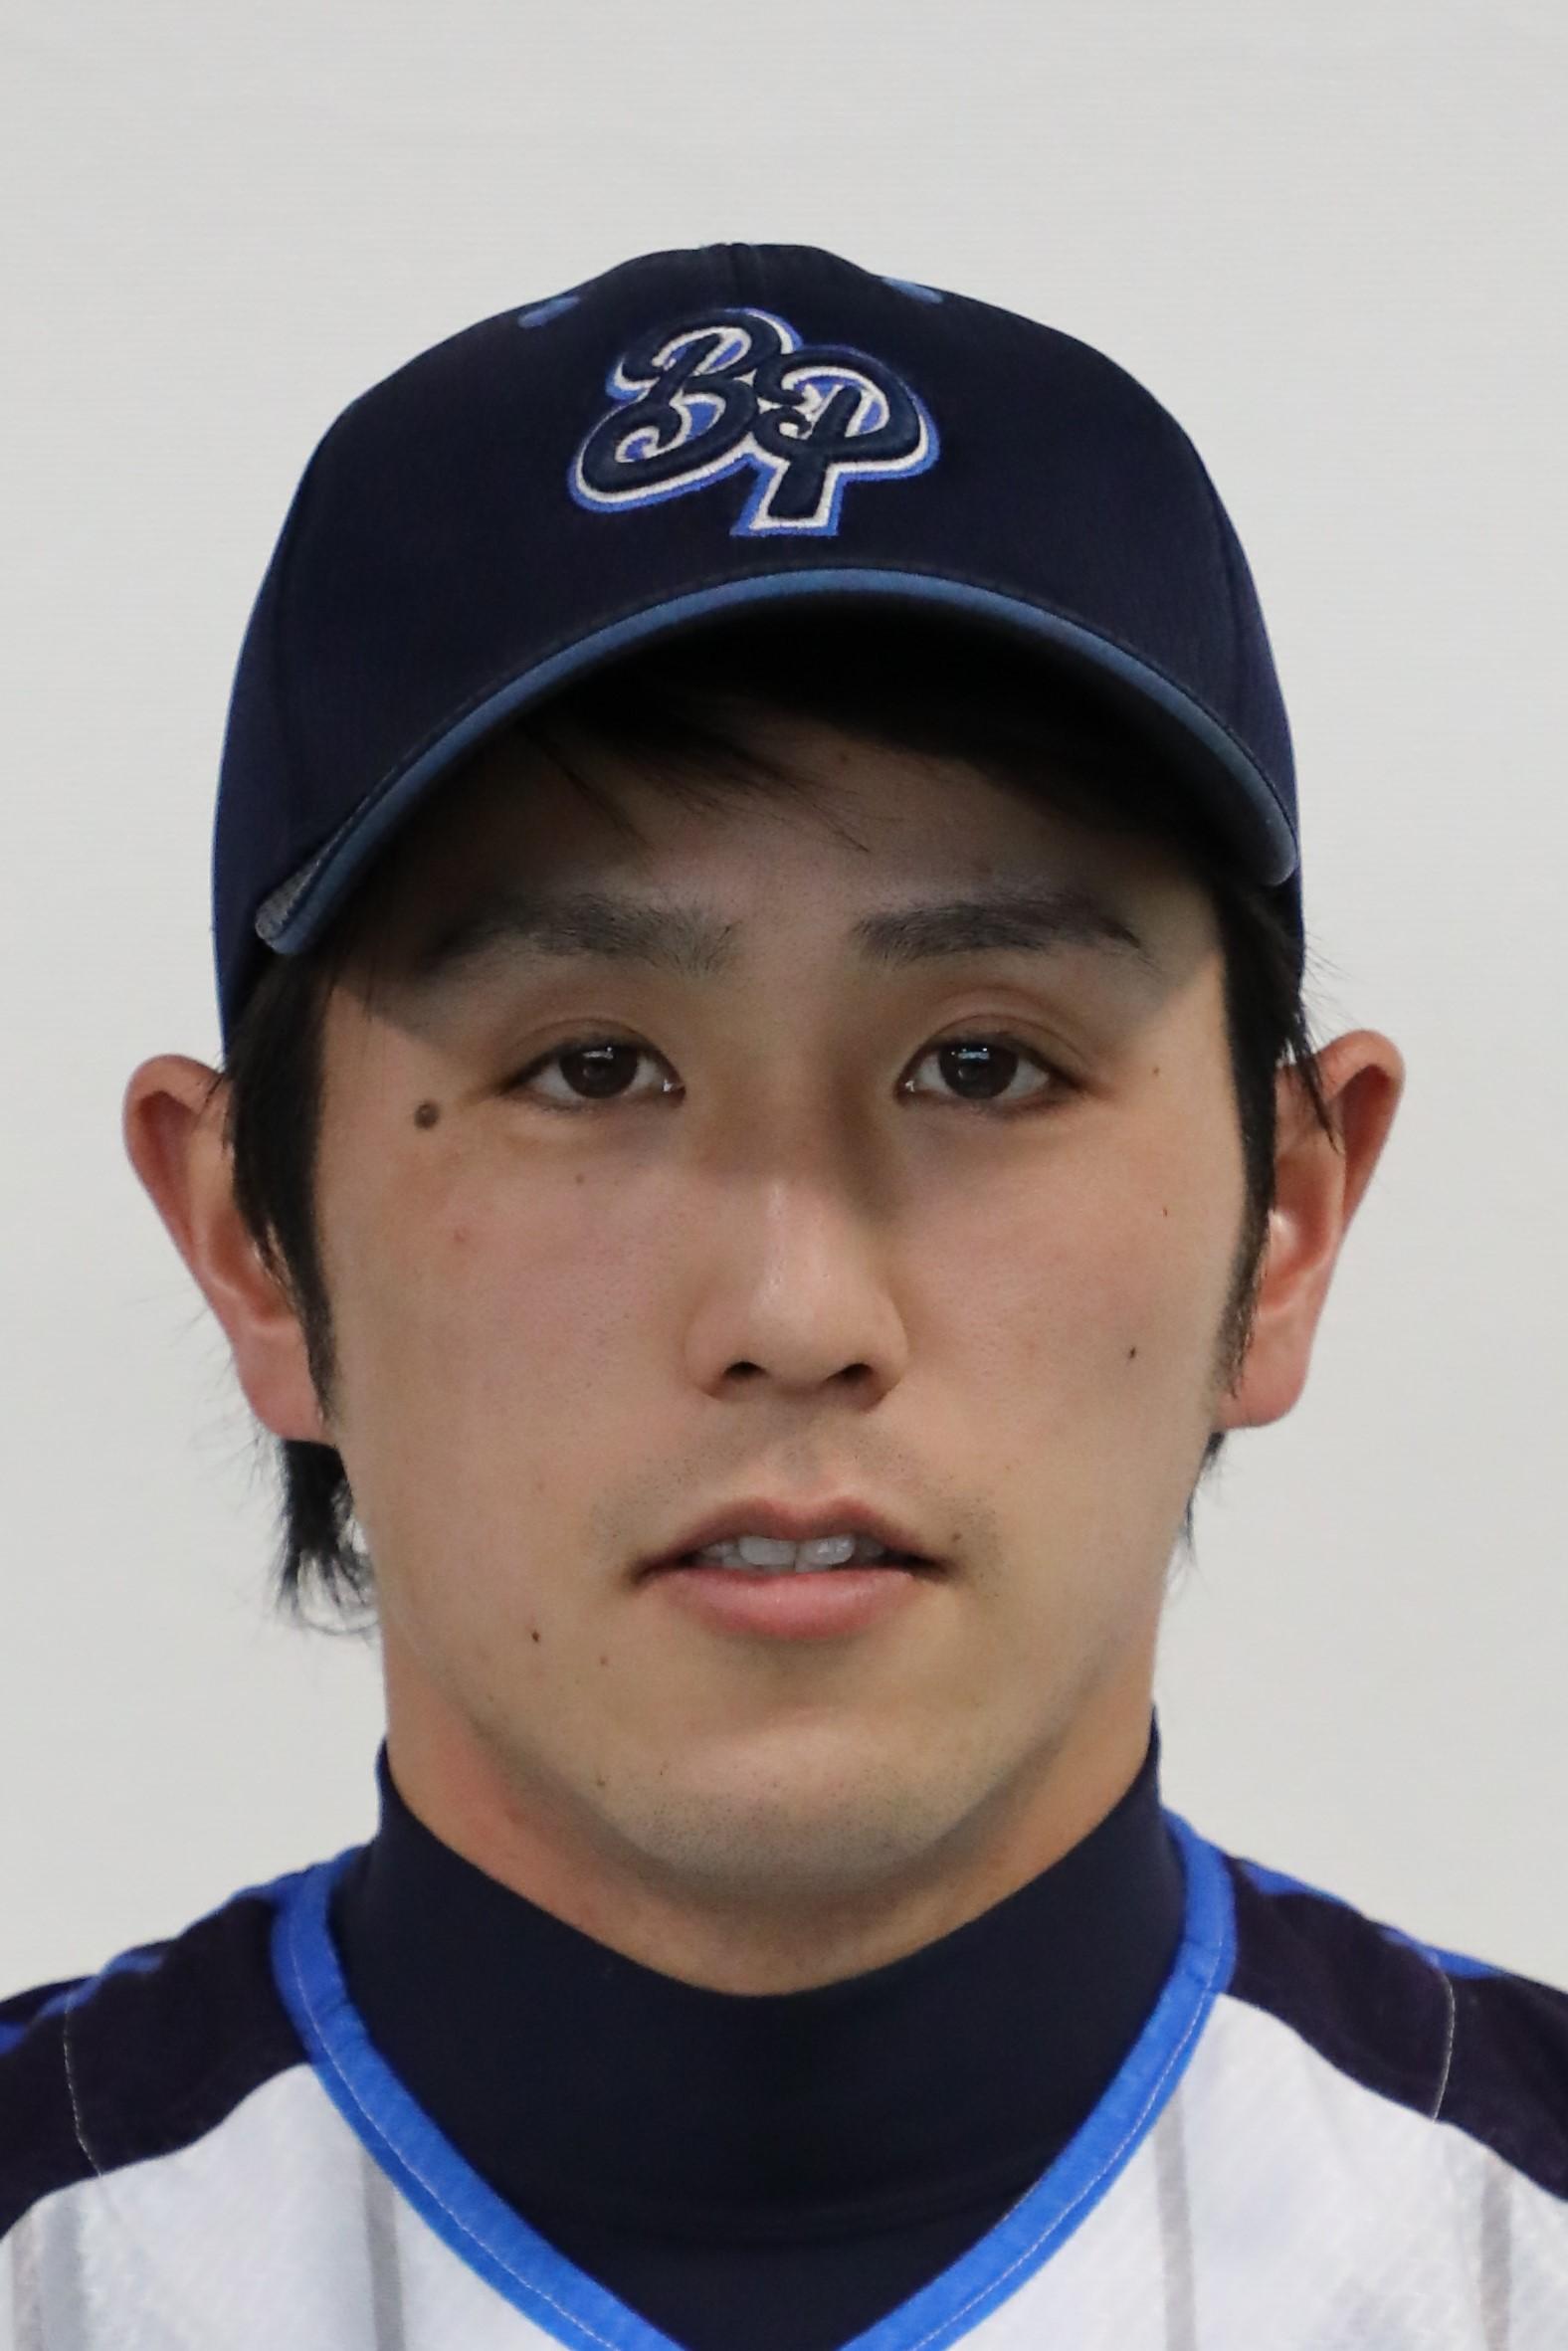 2017年度広島県野球連盟優秀選手に選出された米澤翼選手